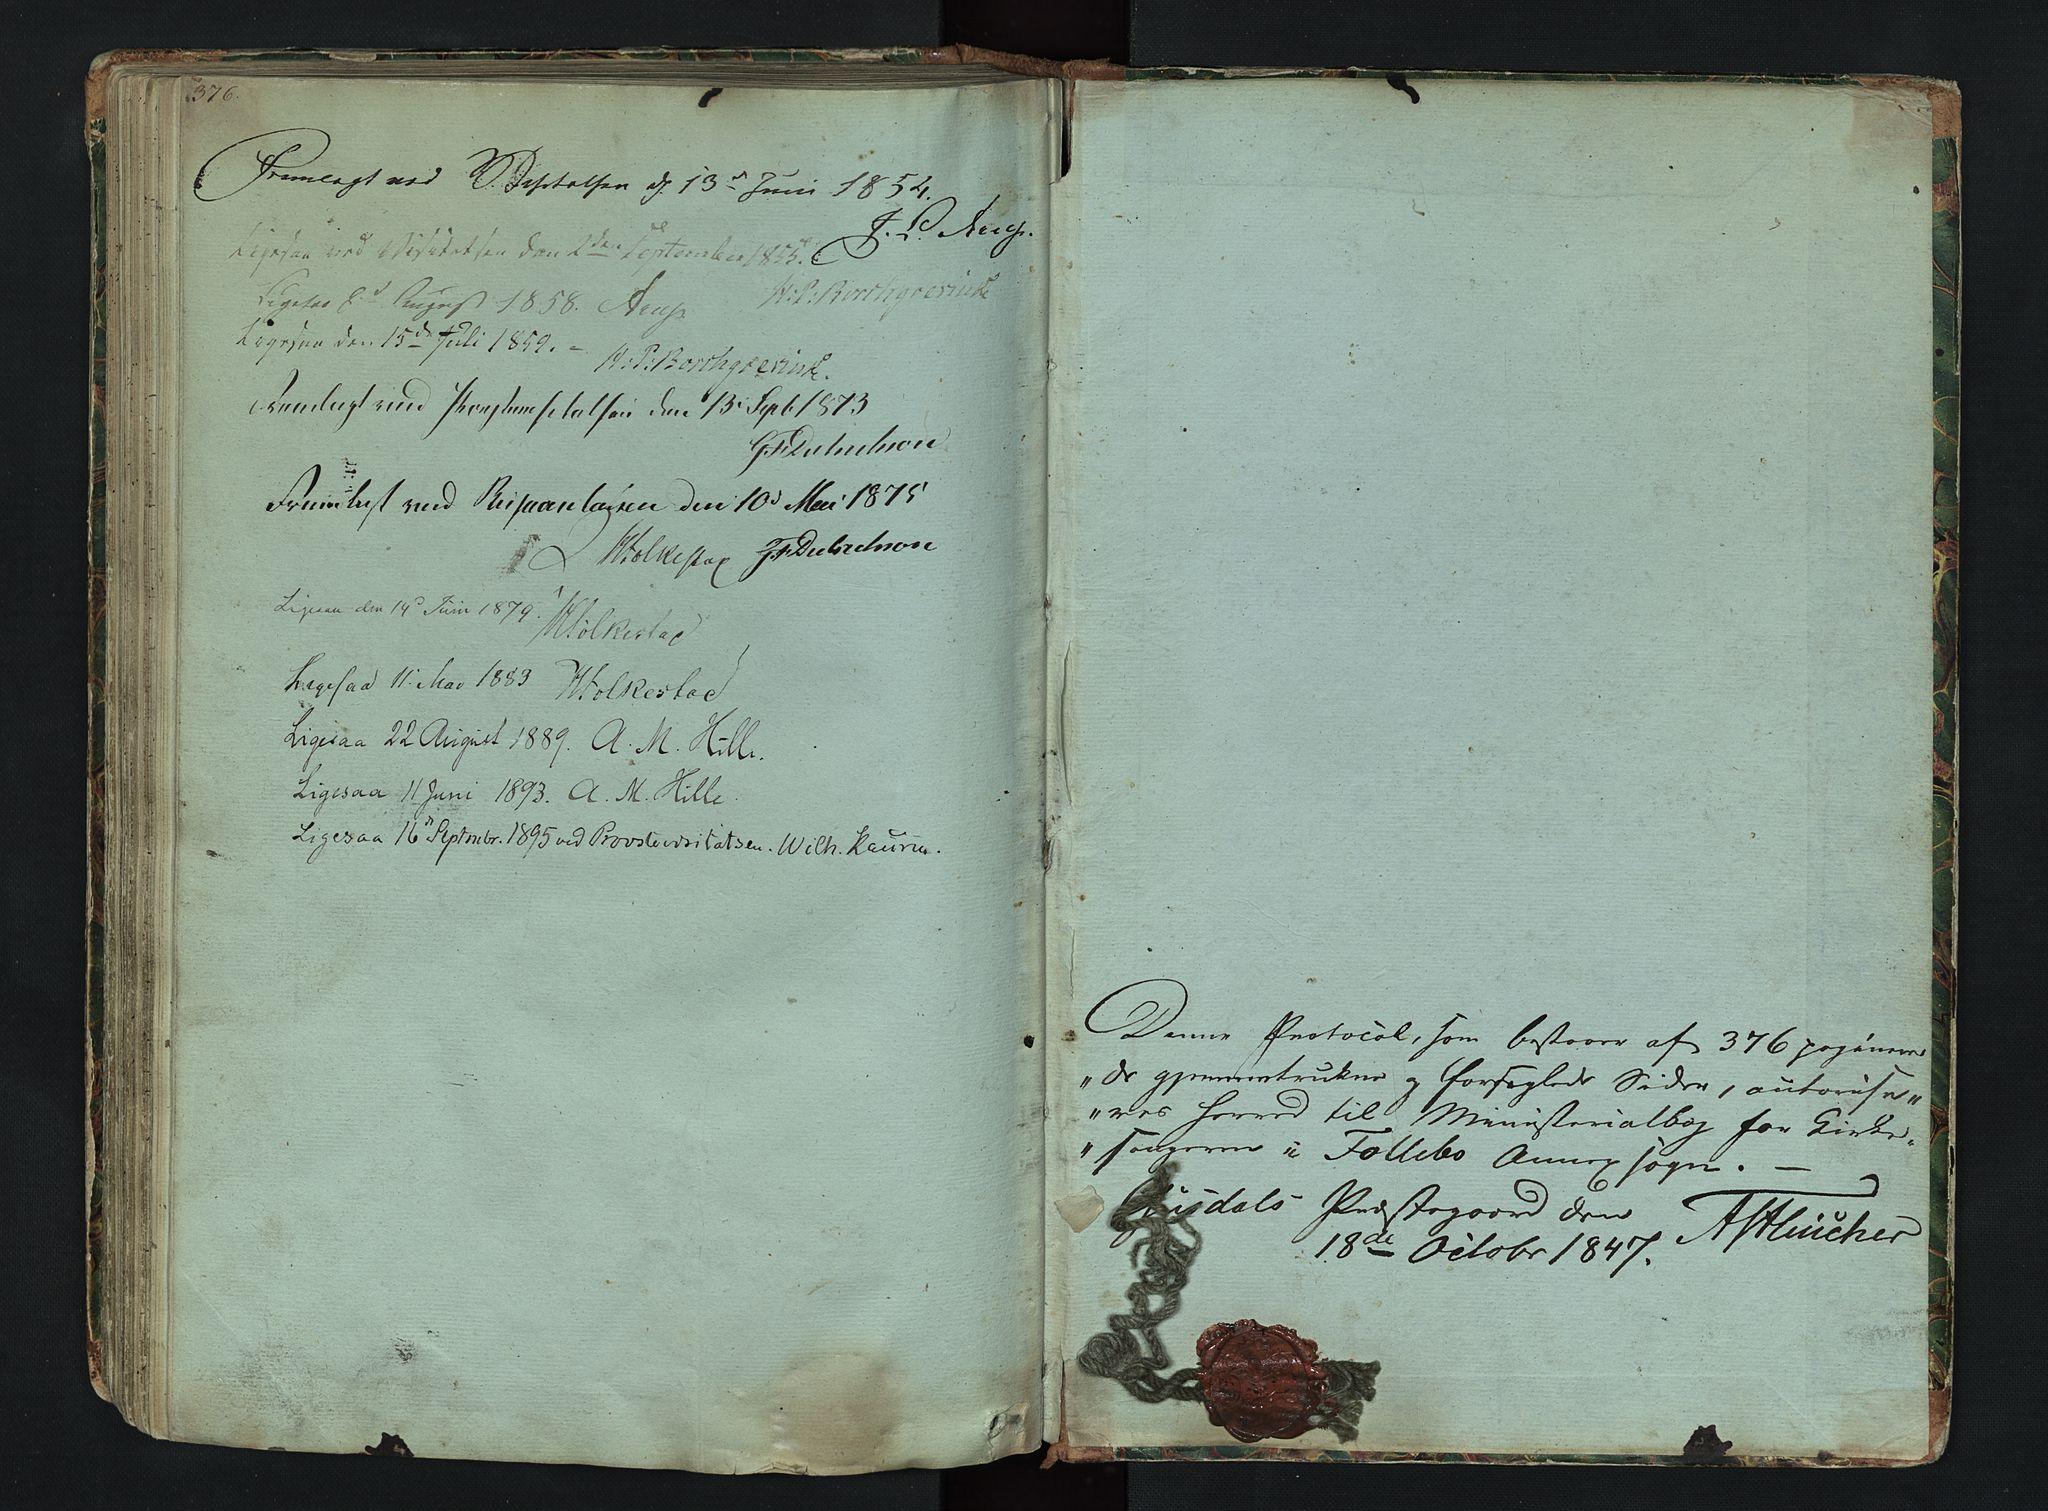 SAH, Gausdal prestekontor, Klokkerbok nr. 6, 1846-1893, s. 376-377